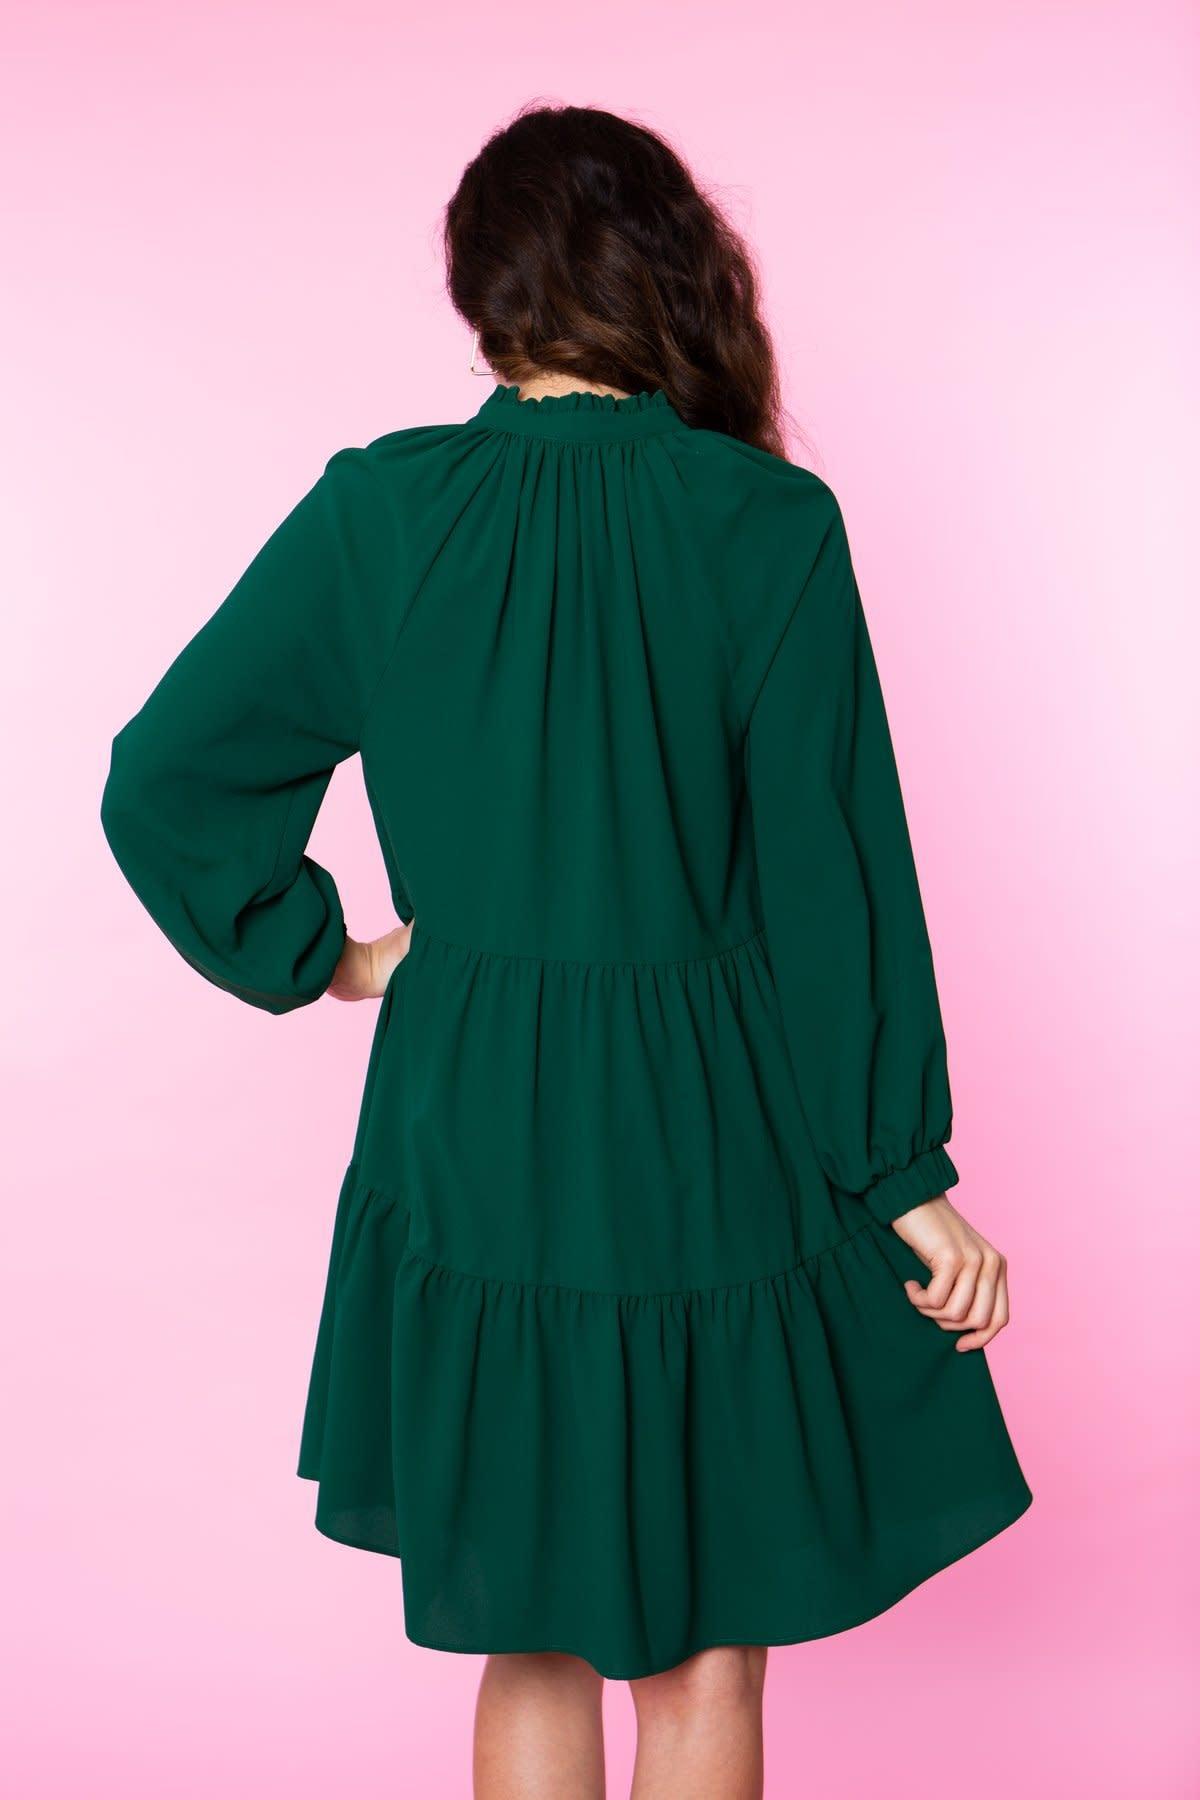 Crosby By Mollie Burch Belle Dress in Emerald